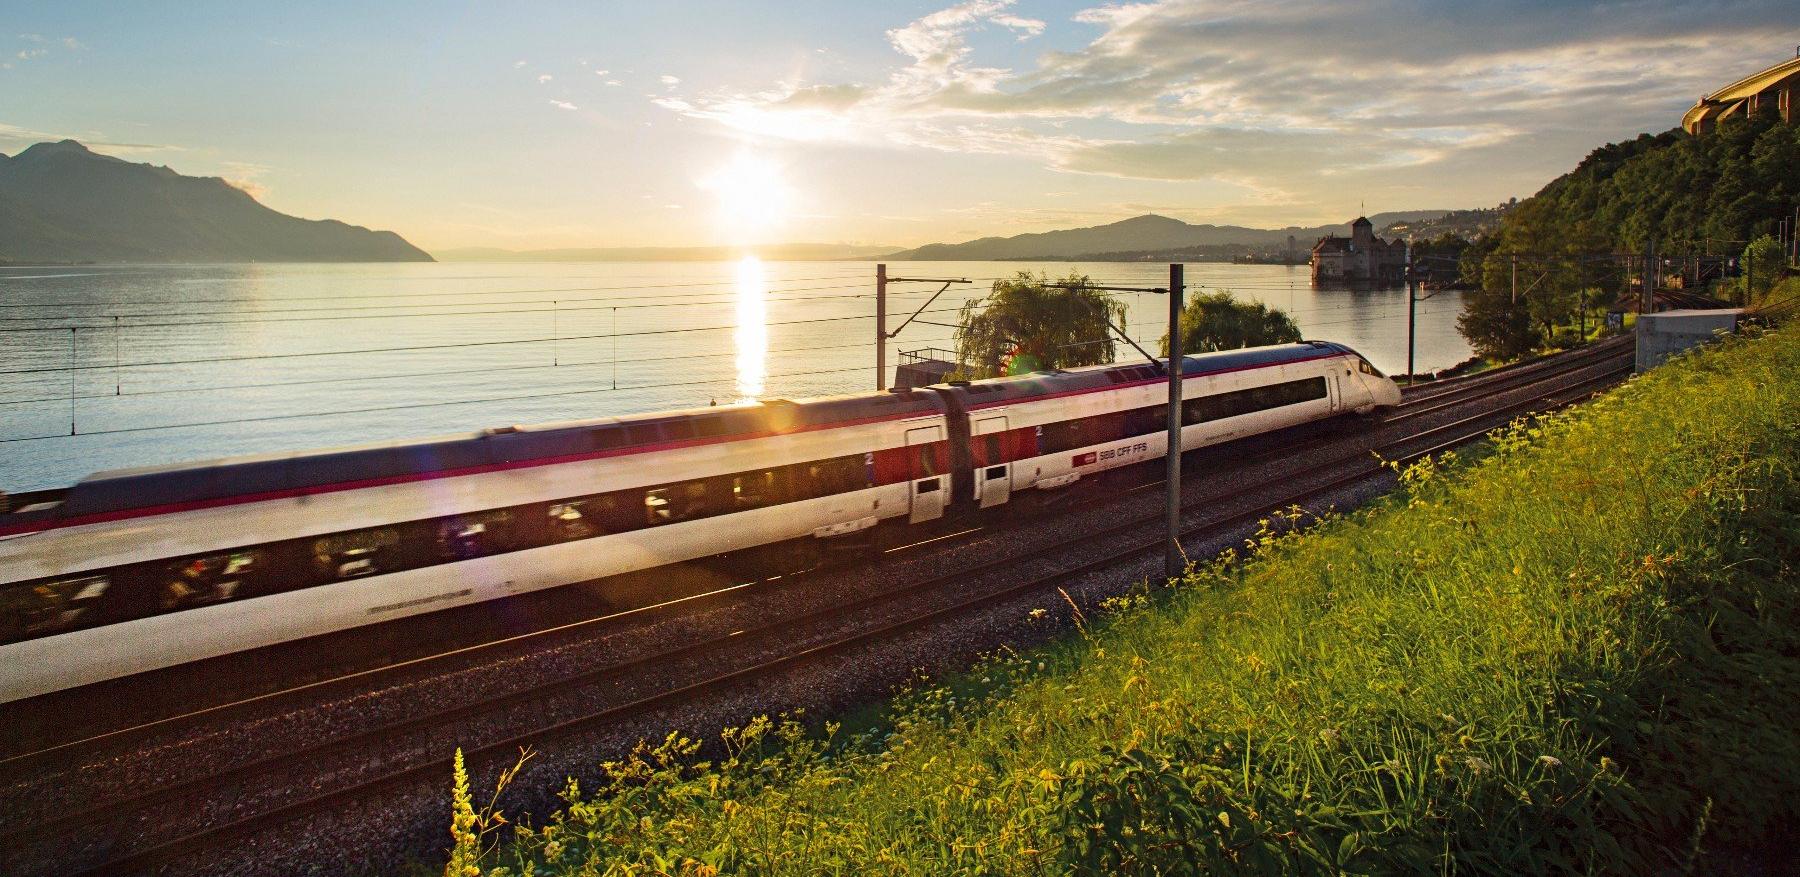 Cheap train tickets Europe - Trains in Switzerland